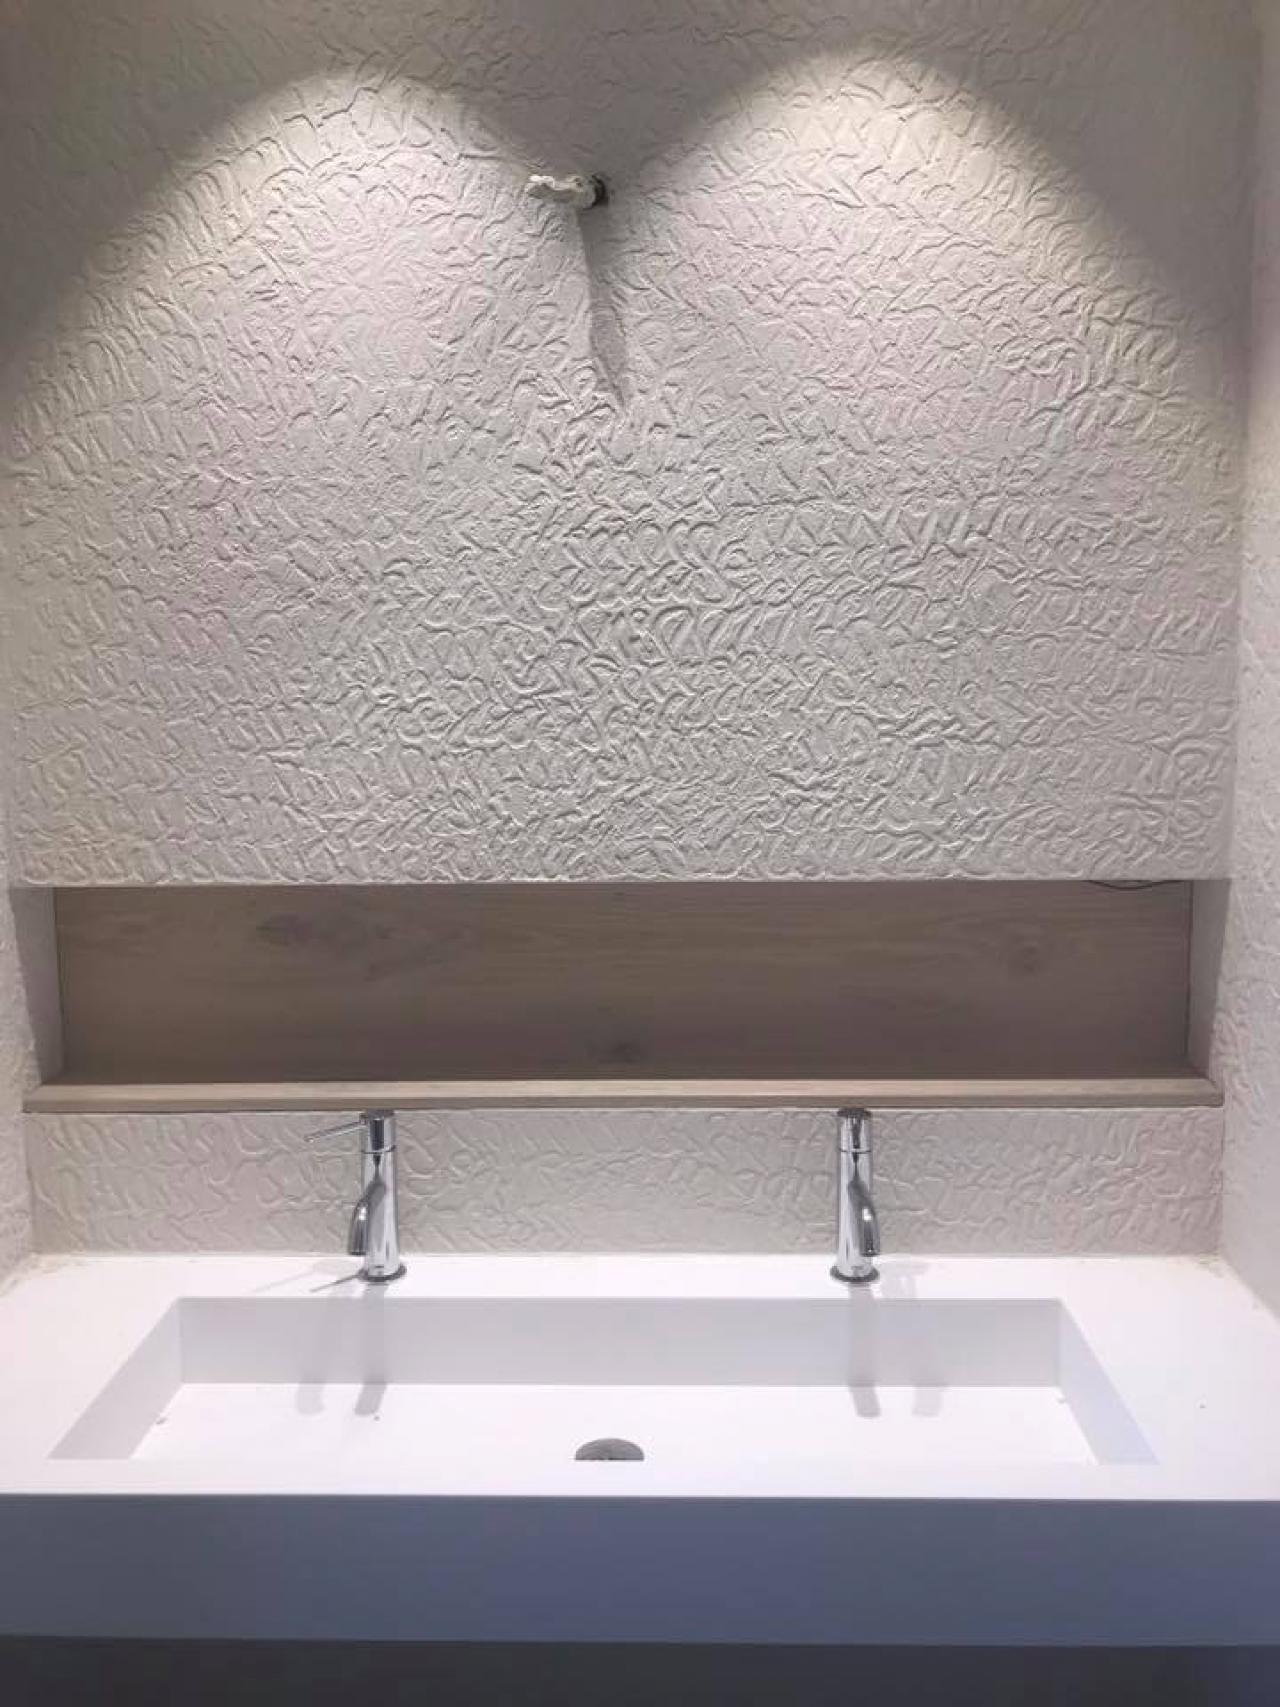 Come Pulire Il Lavabo In Resina resina oltremateria per parete bagno | fratelli pellizzari